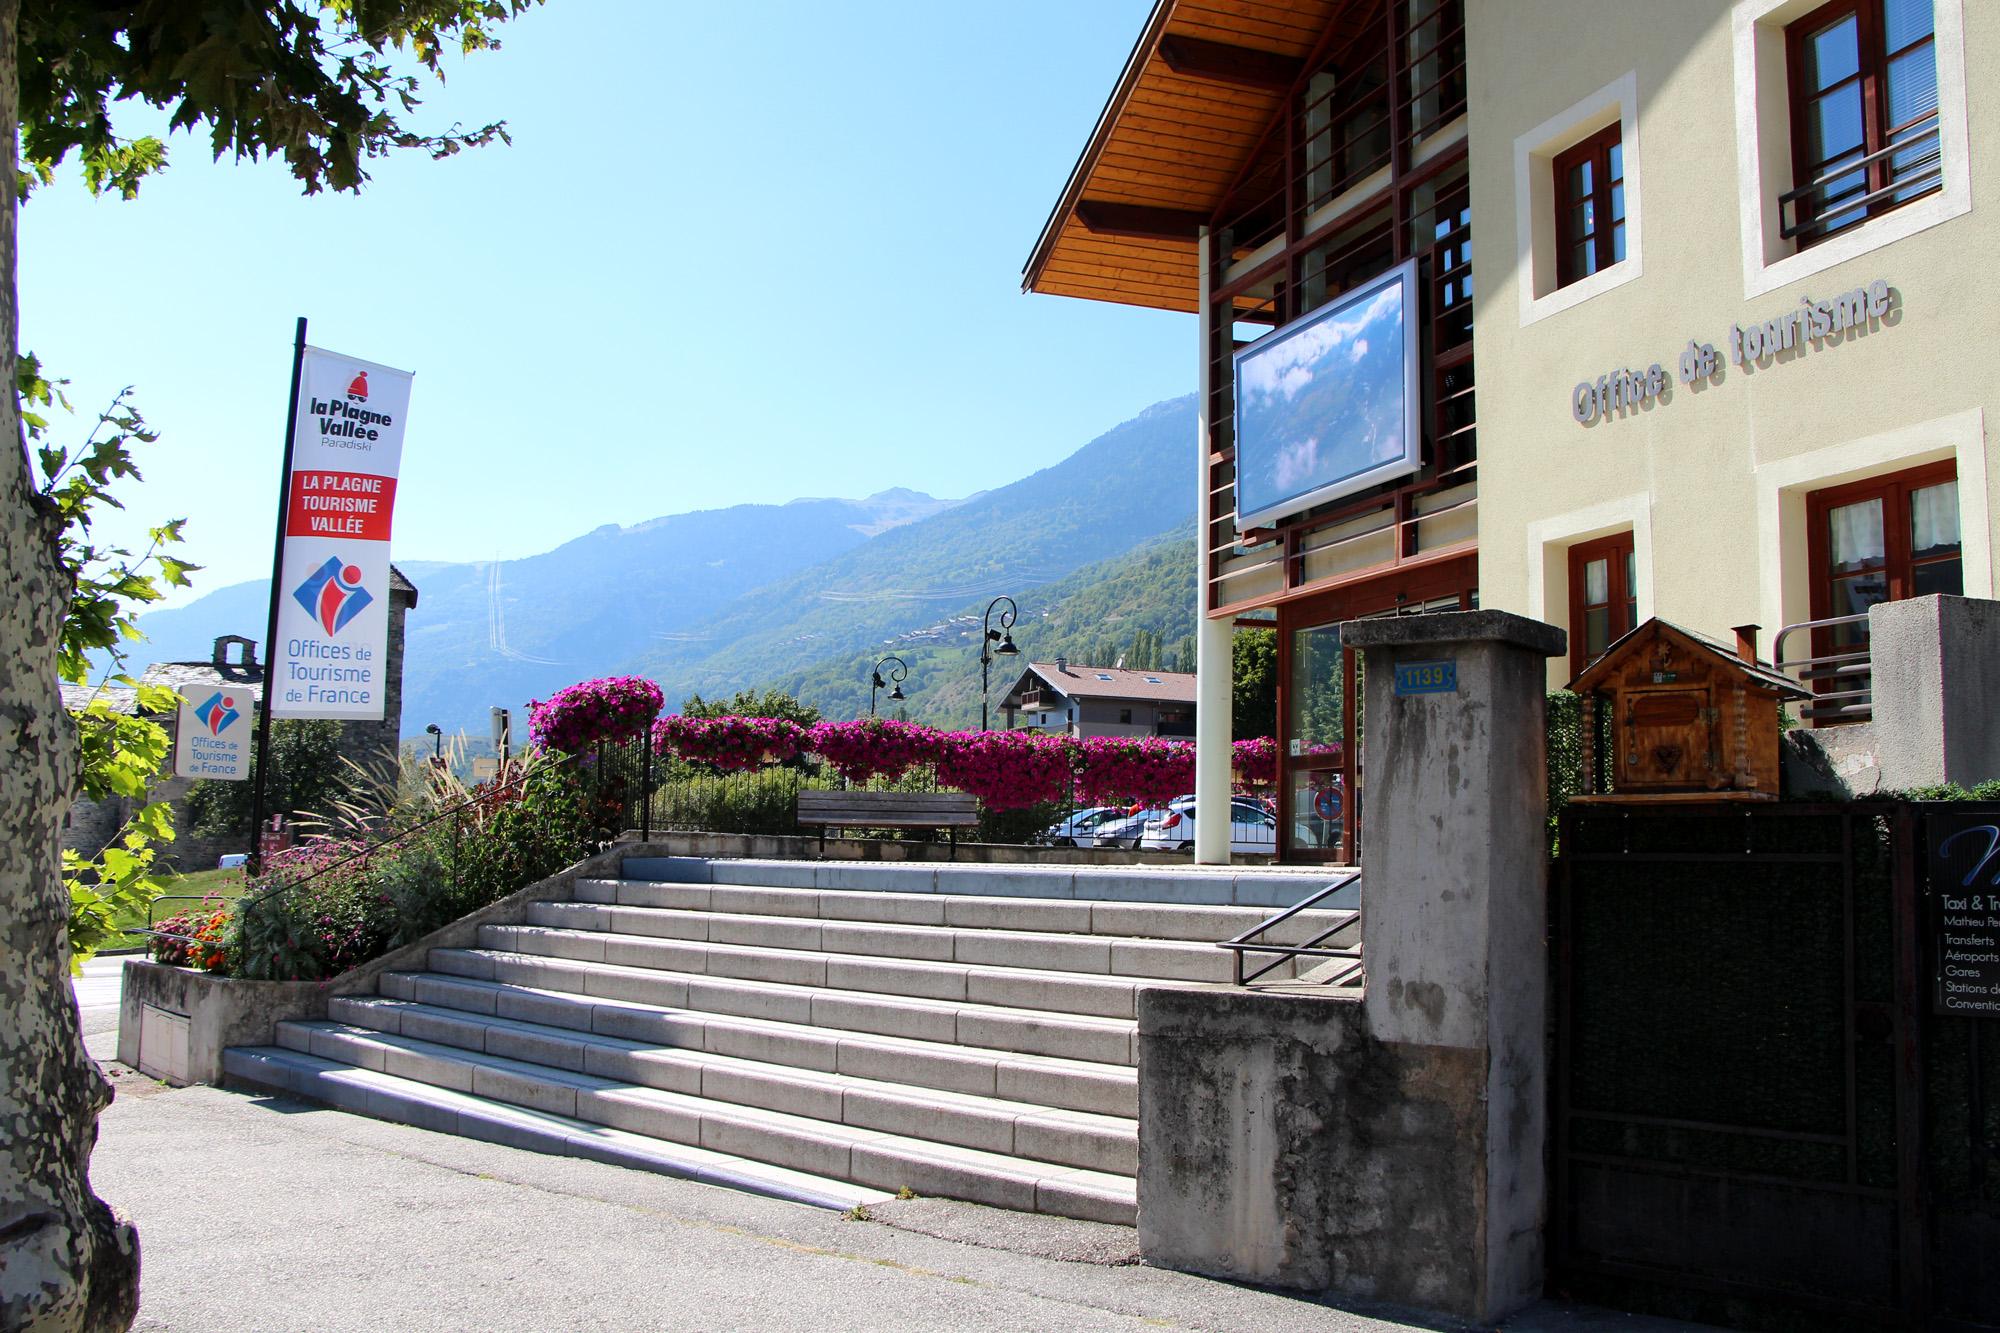 La plagne tourisme vall e savoie mont blanc savoie et haute savoie alpes - Office tourisme solenzara ...